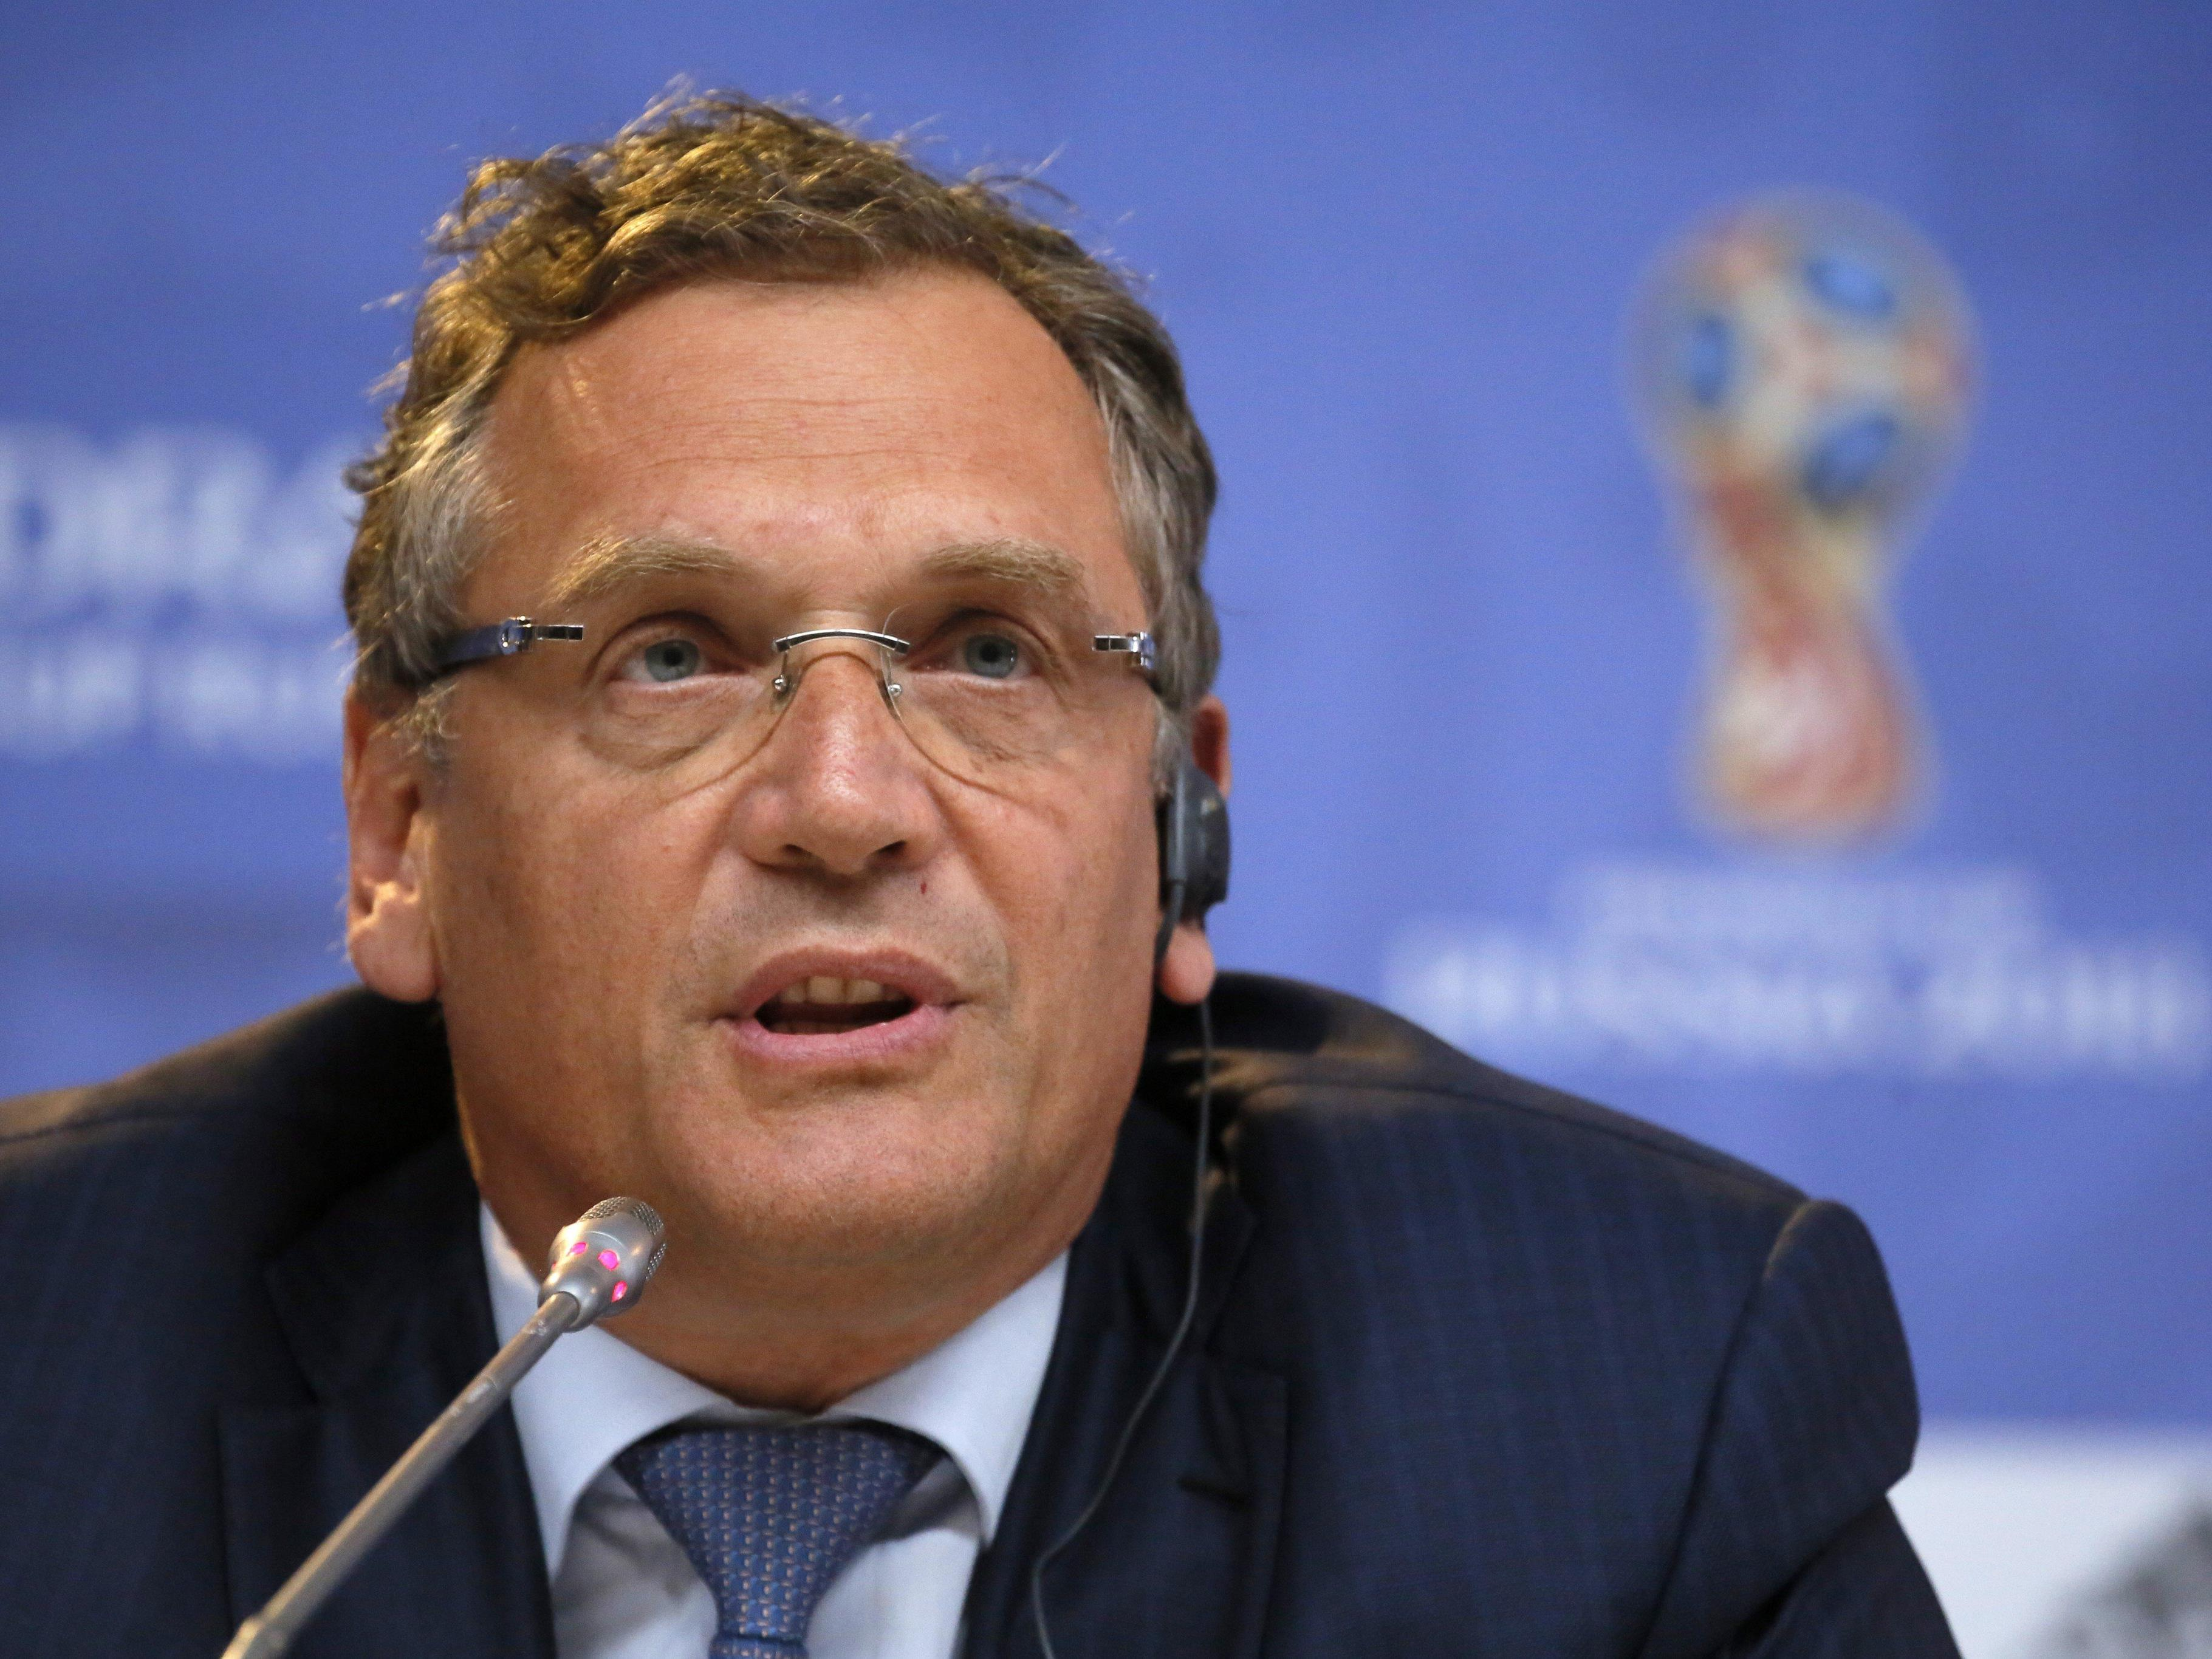 Drei schwere VErstöße legt die FIFA-Ethikkommission Valcke zur Last.